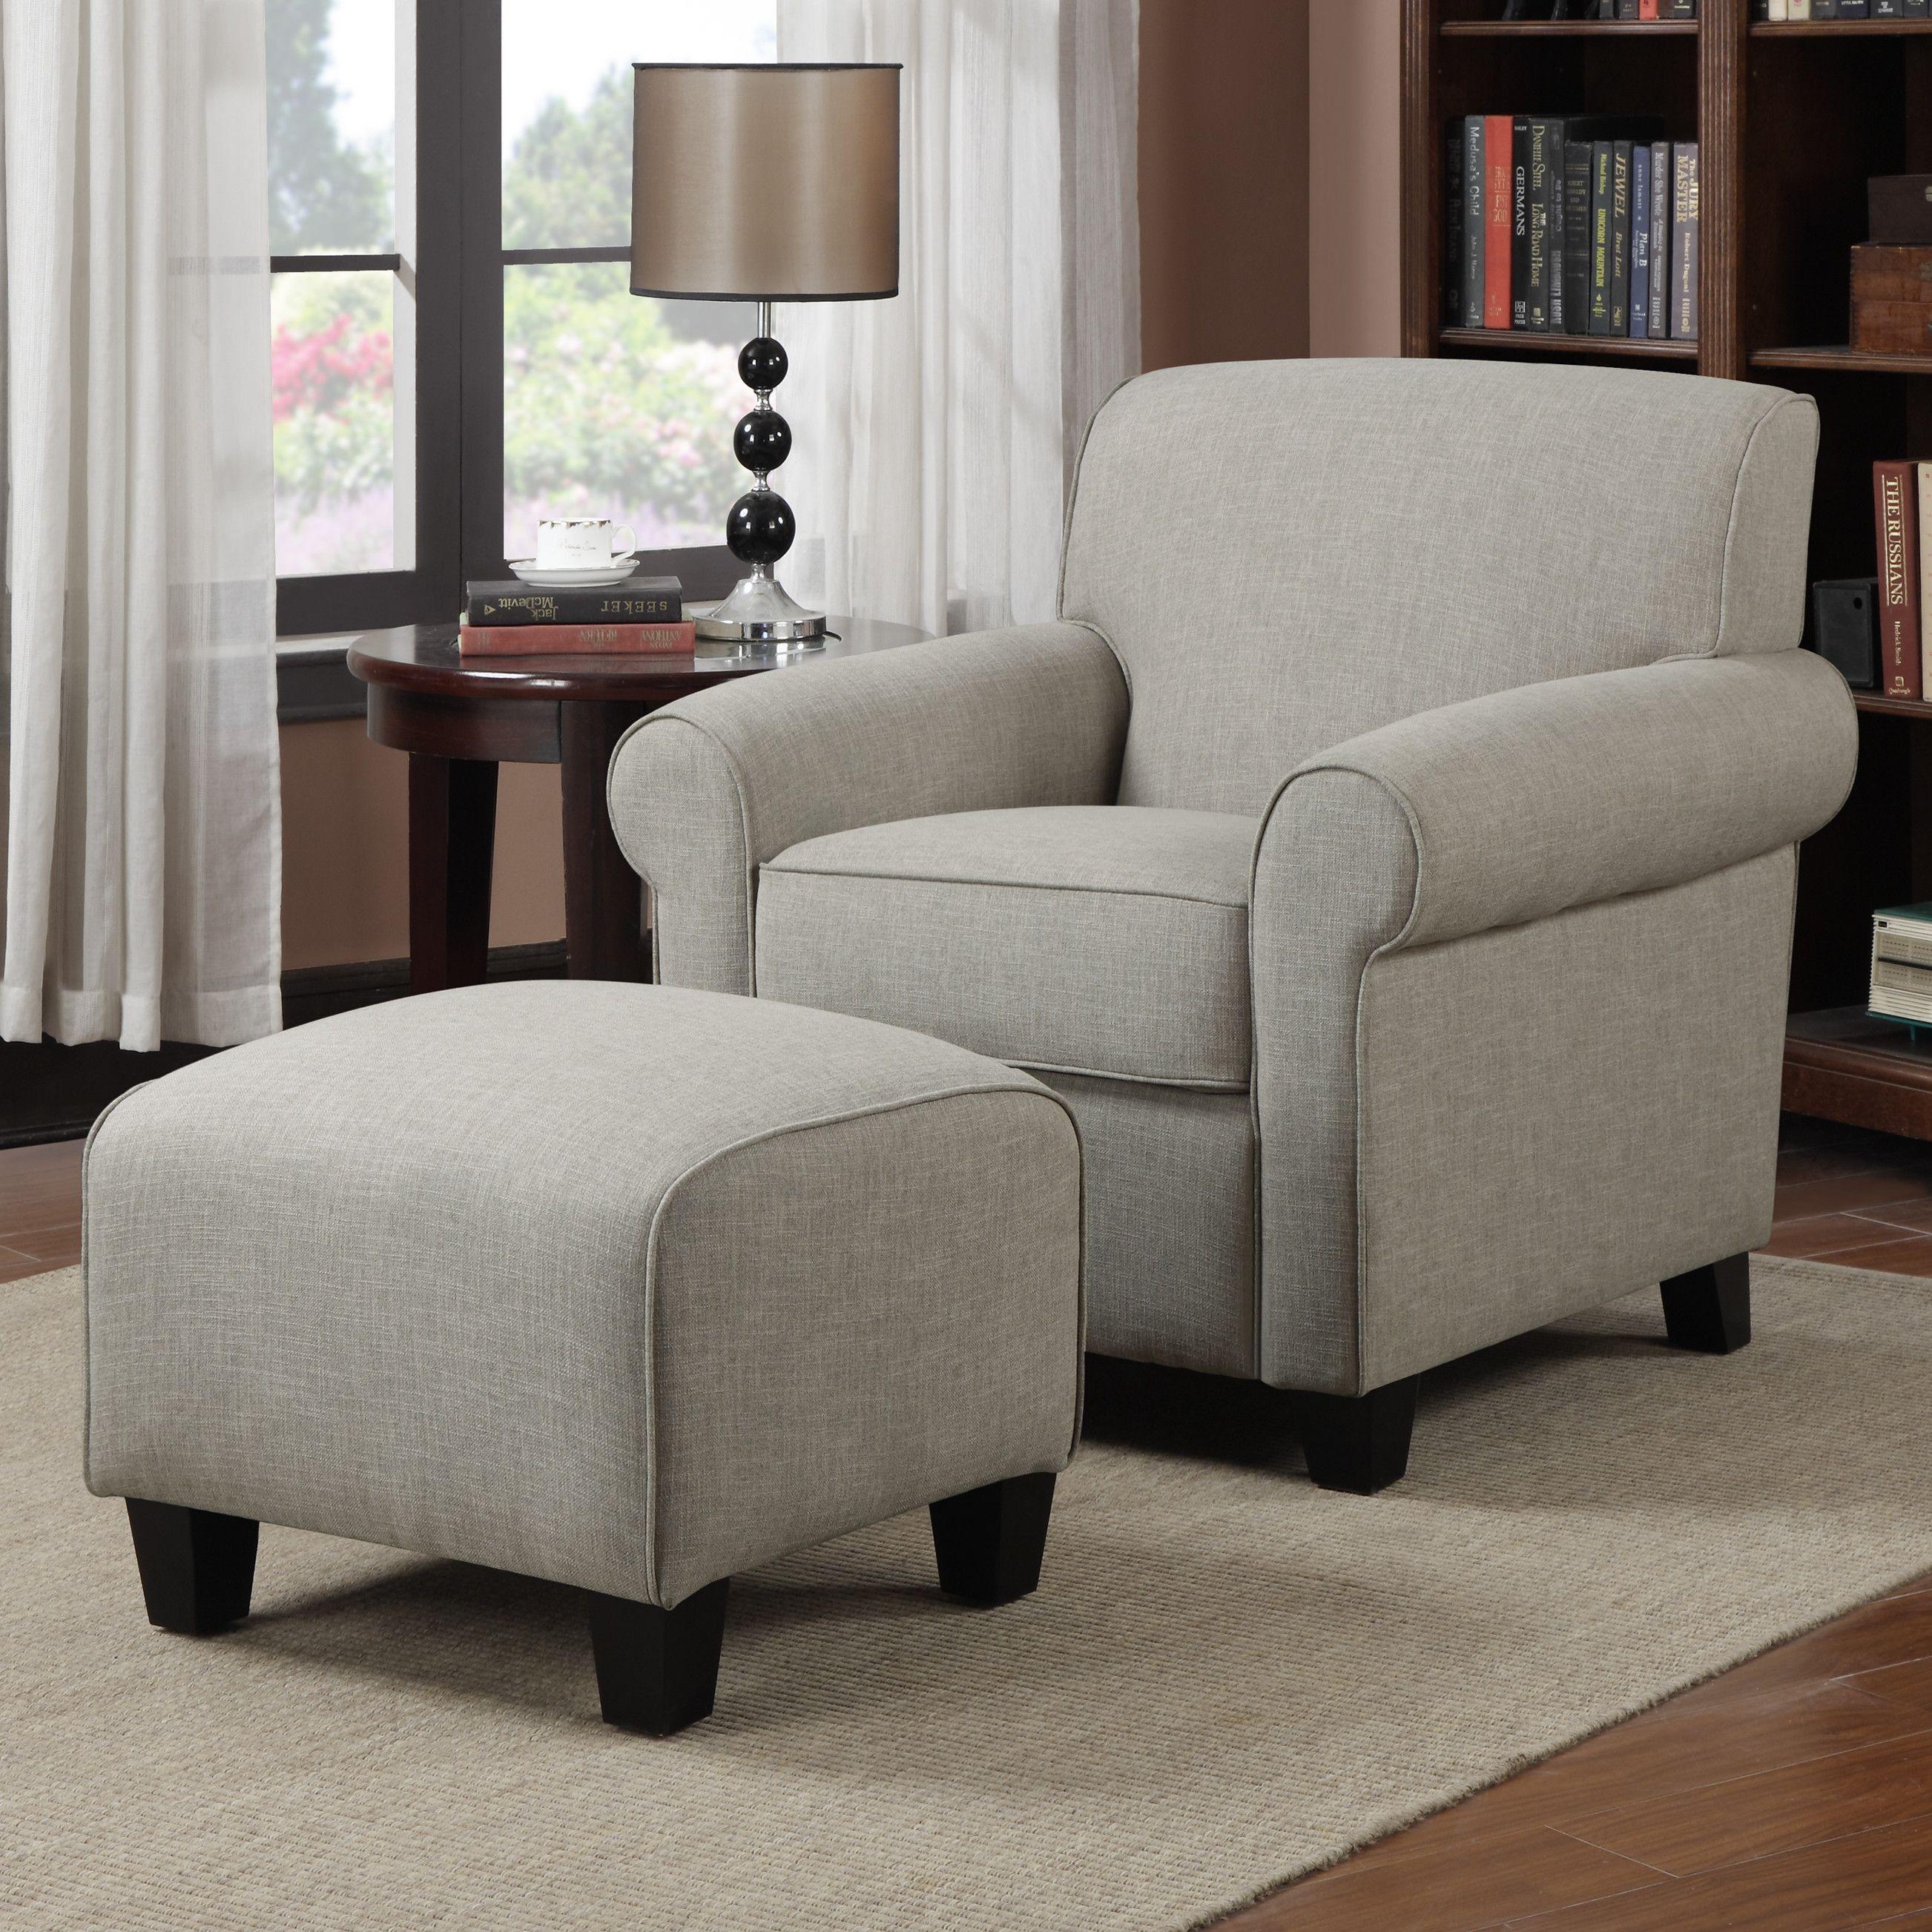 Oldbury Arm Chair Ottoman Wayfair Supply Chair And Ottoman Set Furniture Chair And Ottoman #oversized #living #room #chair #with #ottoman